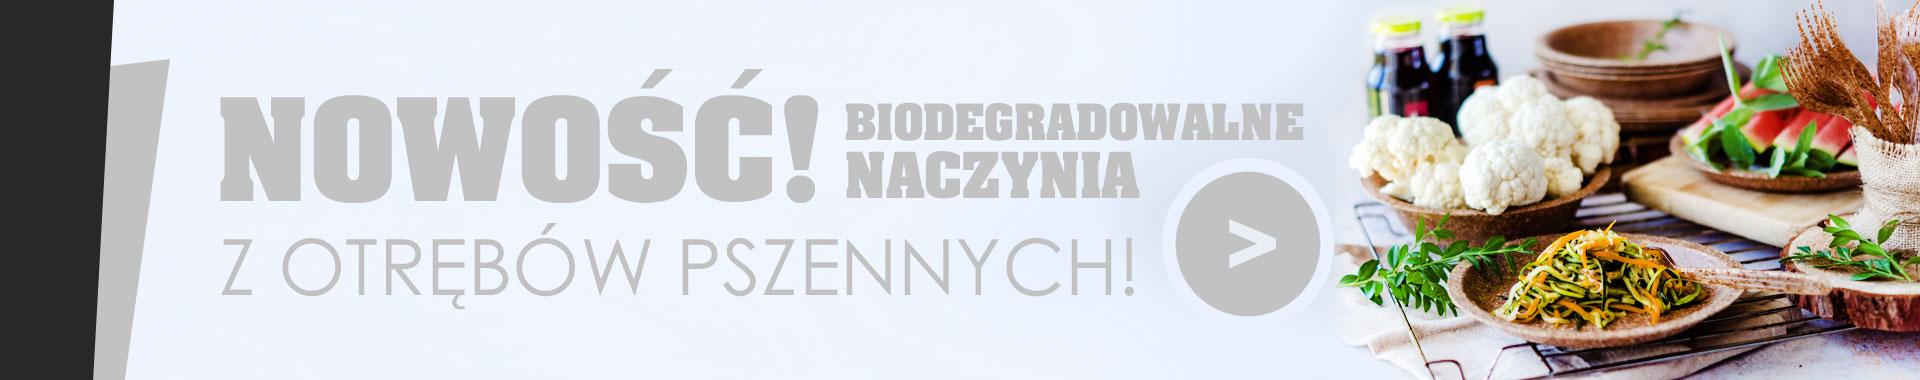 Naczynia biodegradowalne